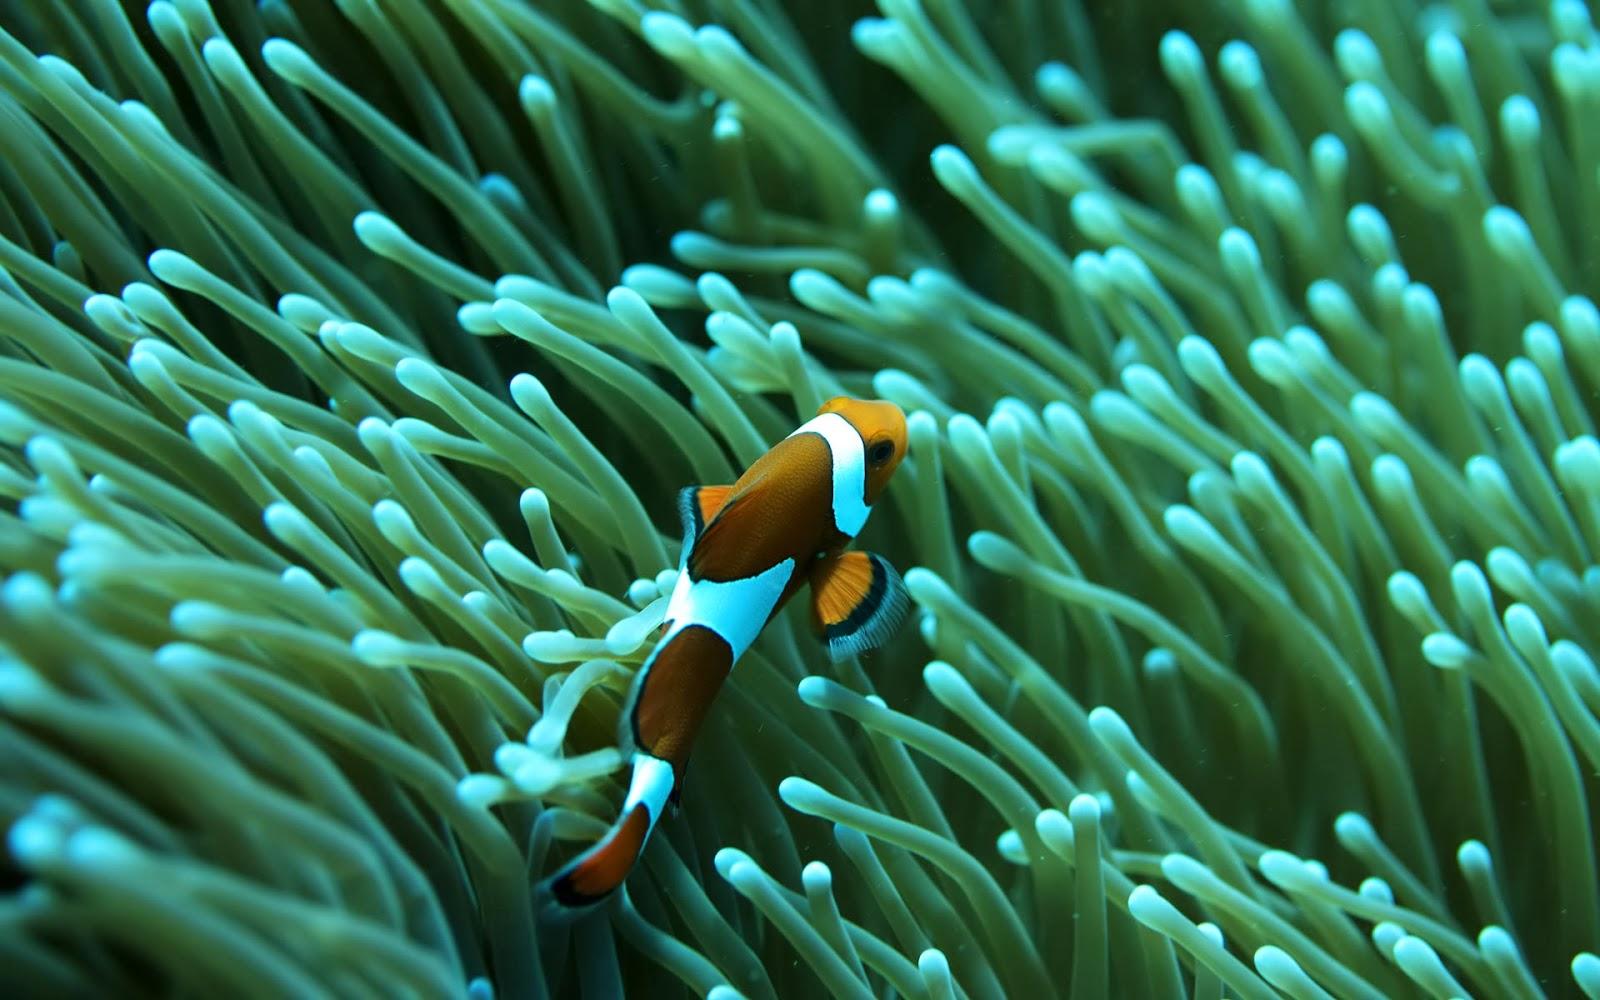 saltwater aquarium reef fish wallpaper   beautiful desktop wallpapers 1600x1000